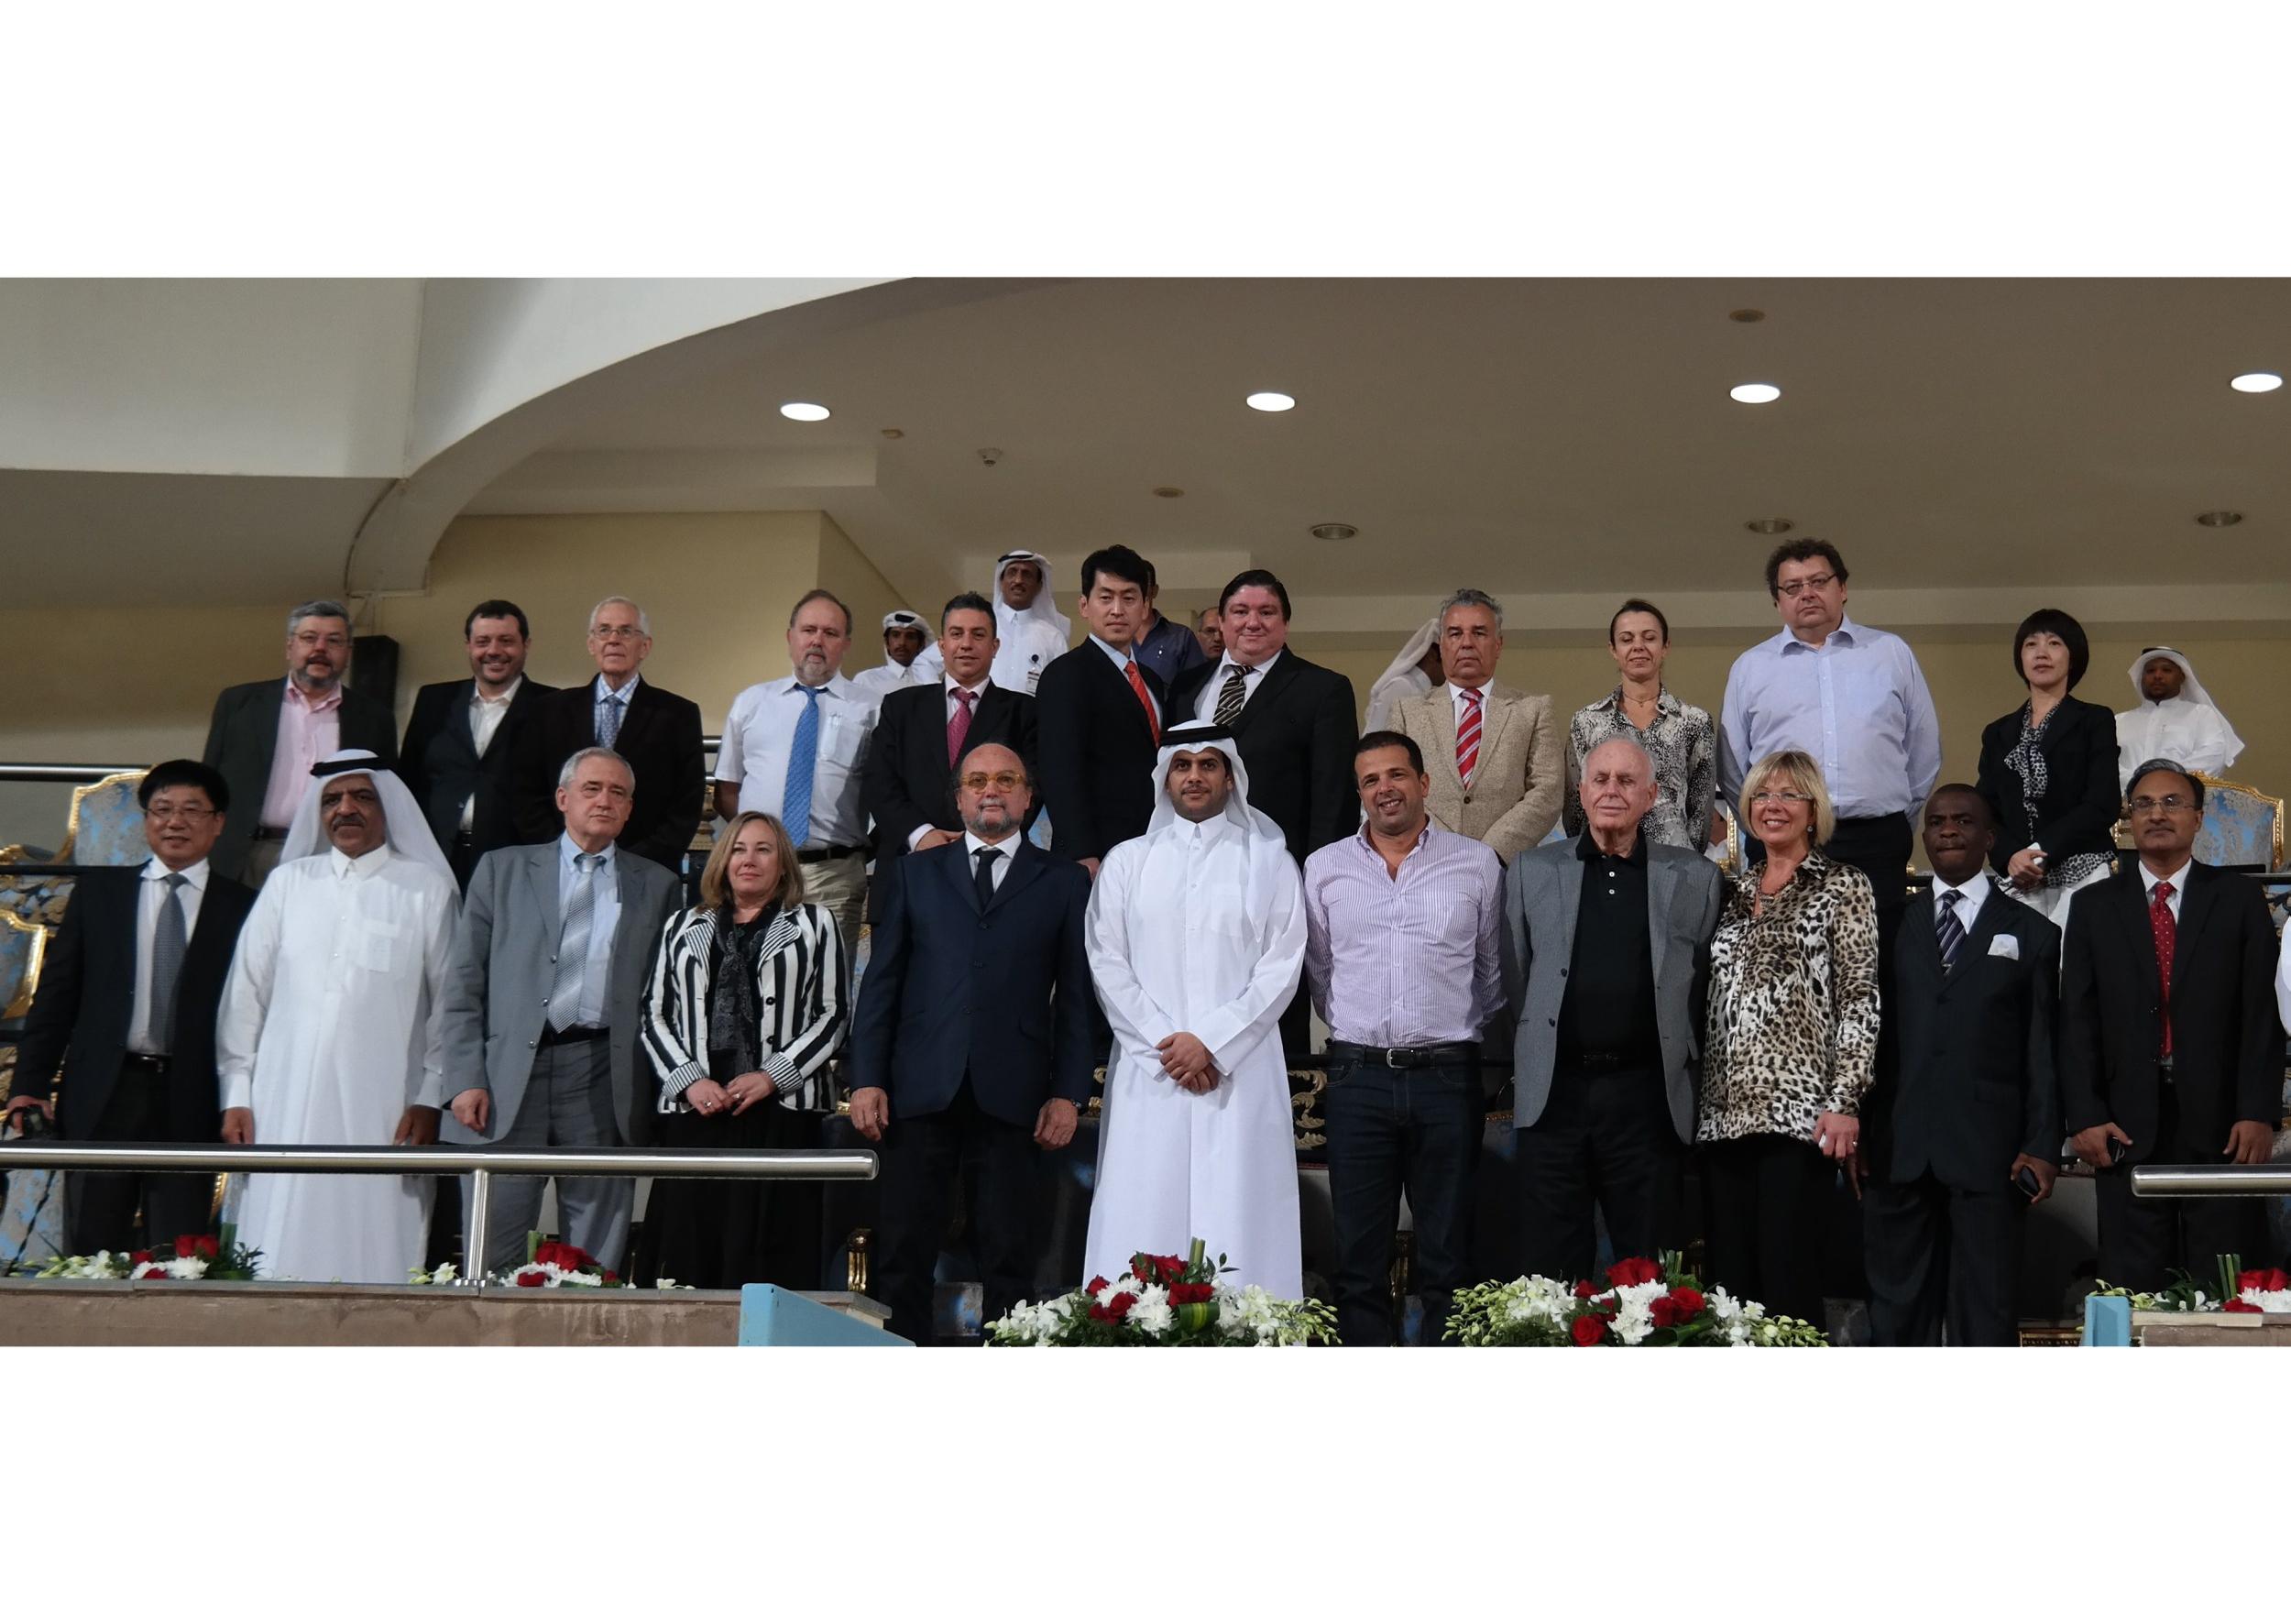 La Doha (Qatar) s-a desfasurat reuniunea Comitetului Executiv al AIPS